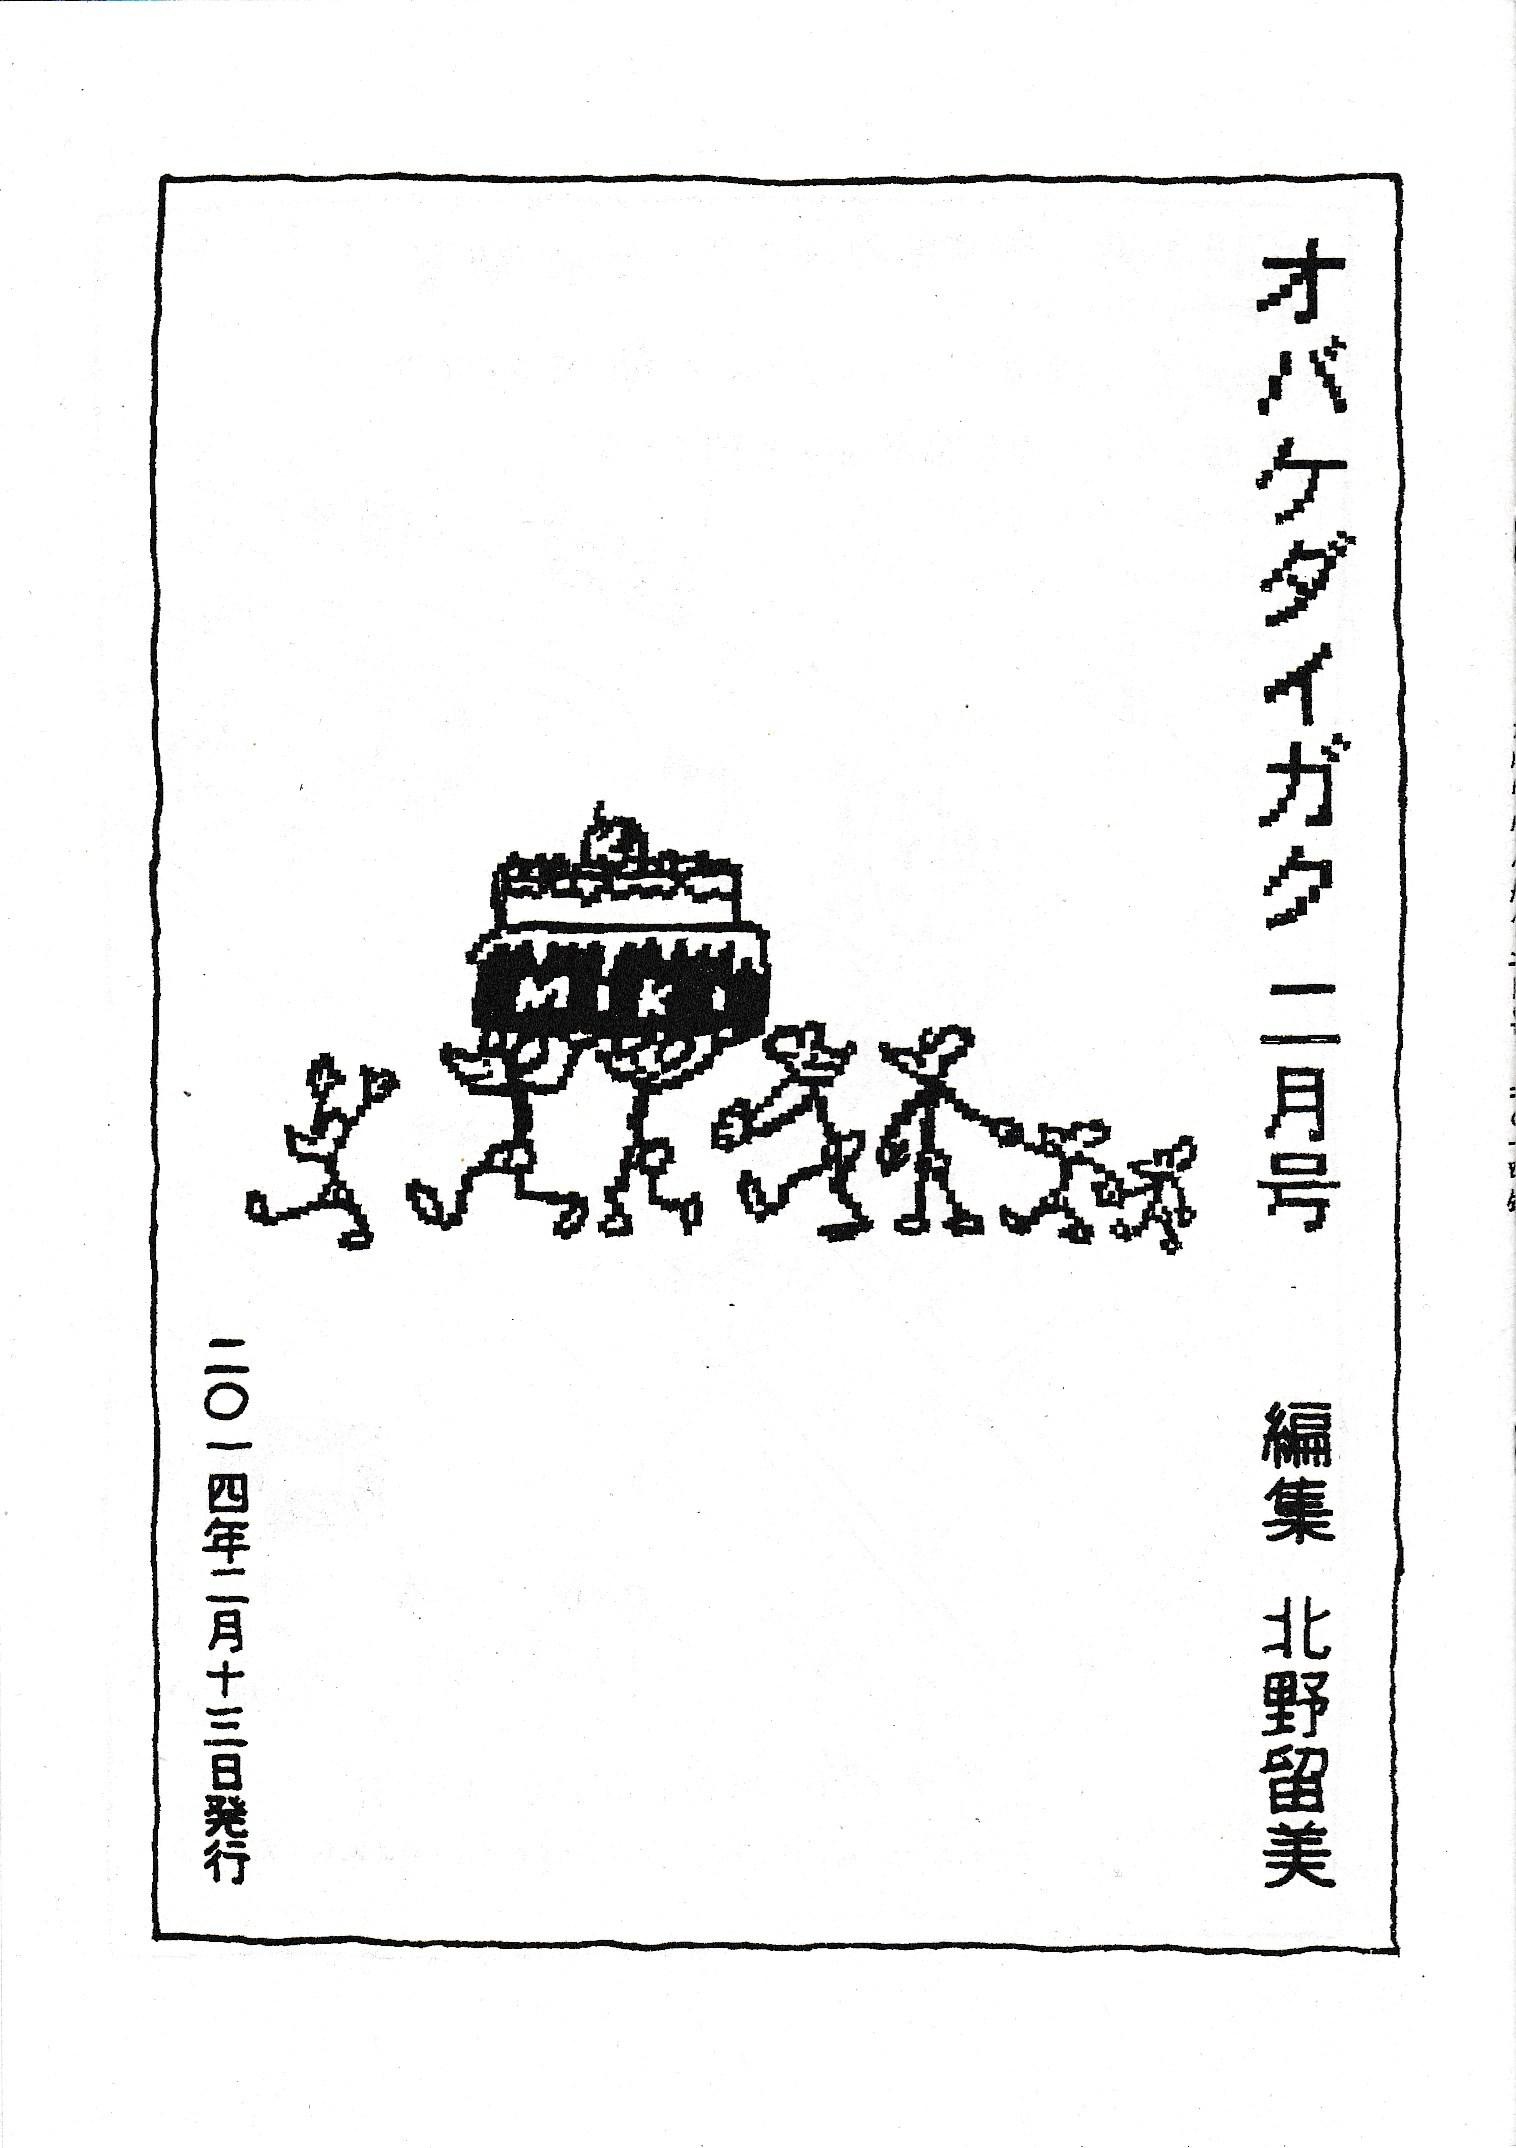 オバケダイガク 2月号 2014年2月13日発行 | 古書 みつづみ書房 powered by BASE